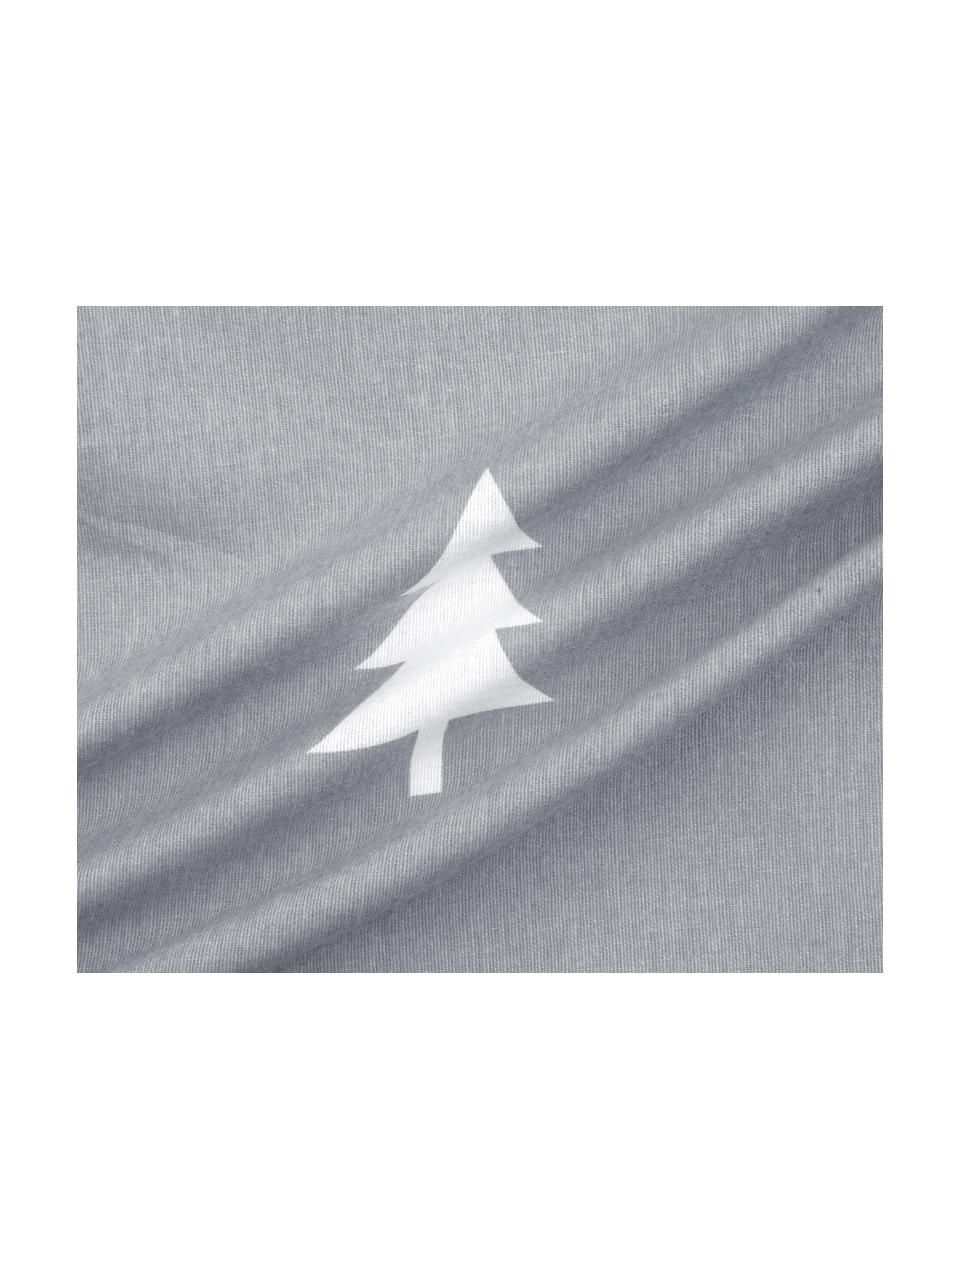 Flanell-Bettwäsche X-mas Tree mit Tannenbäumen, Webart: Flanell Flanell ist ein k, Dunkelgrau, Cremeweiß, 240 x 220 cm + 2 Kissen 80 x 80 cm